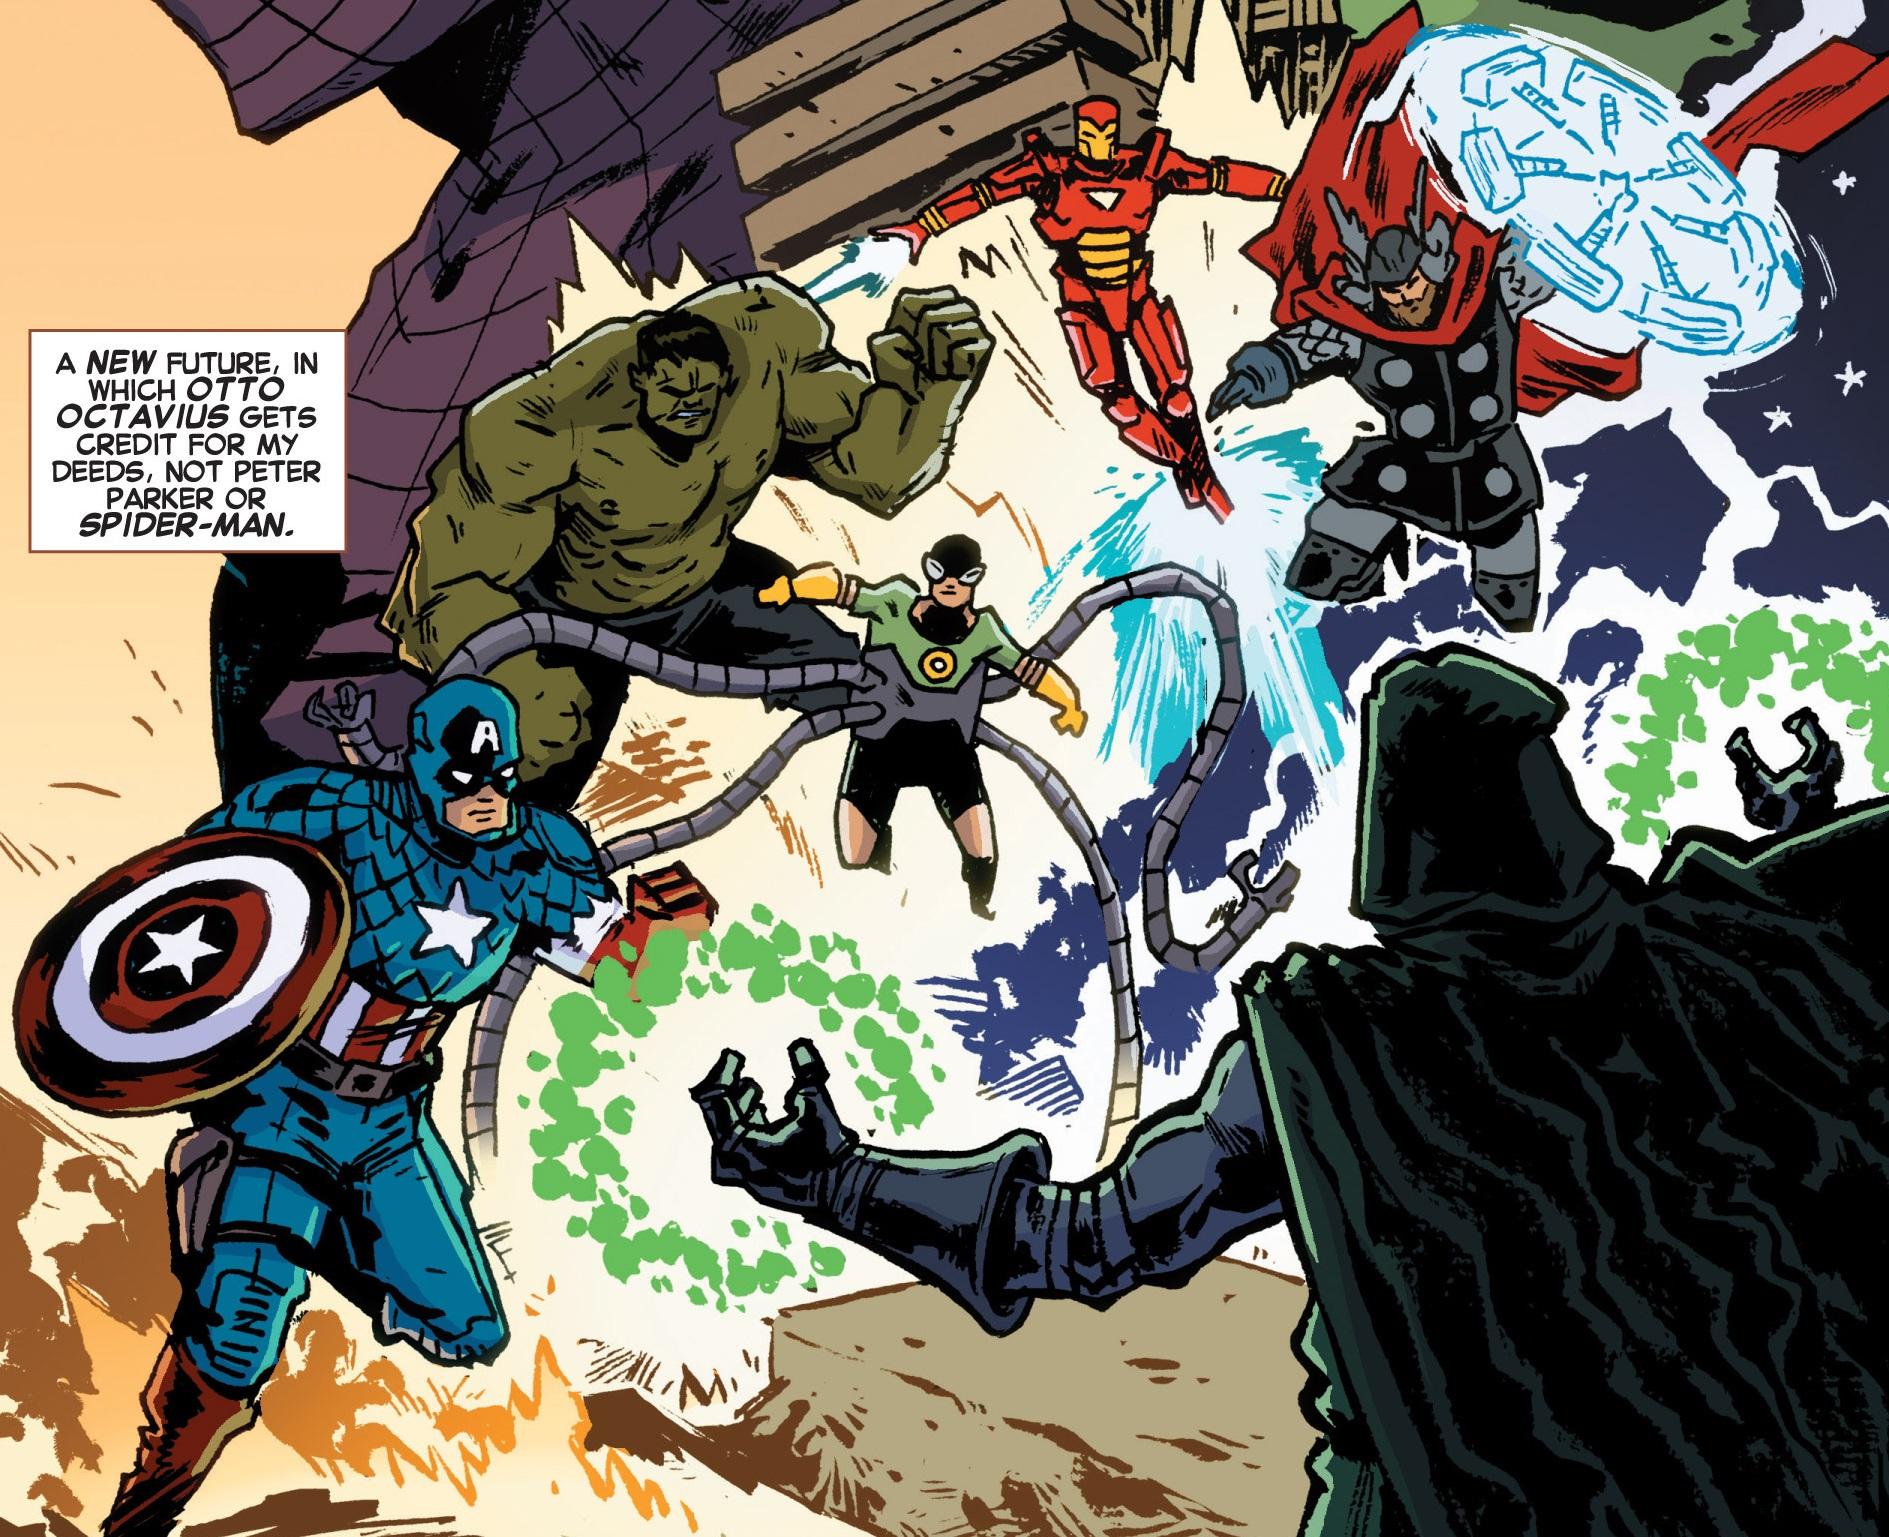 Avengers (Earth-13121)